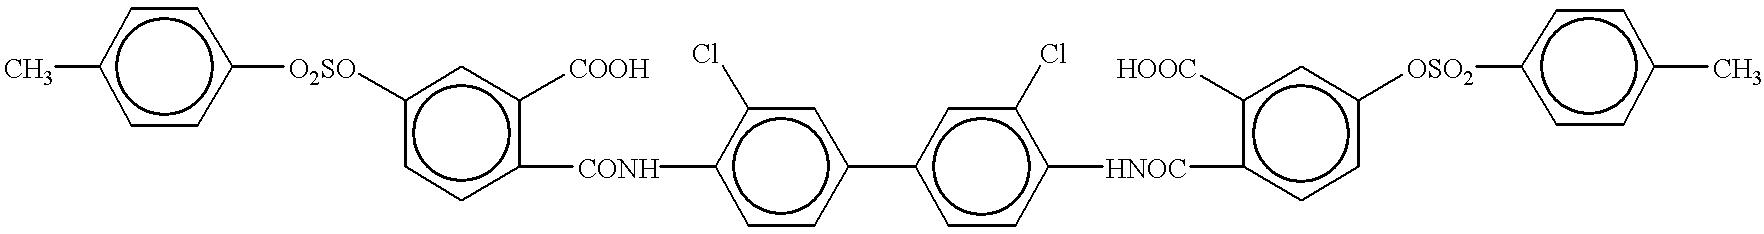 Figure US06180560-20010130-C00533